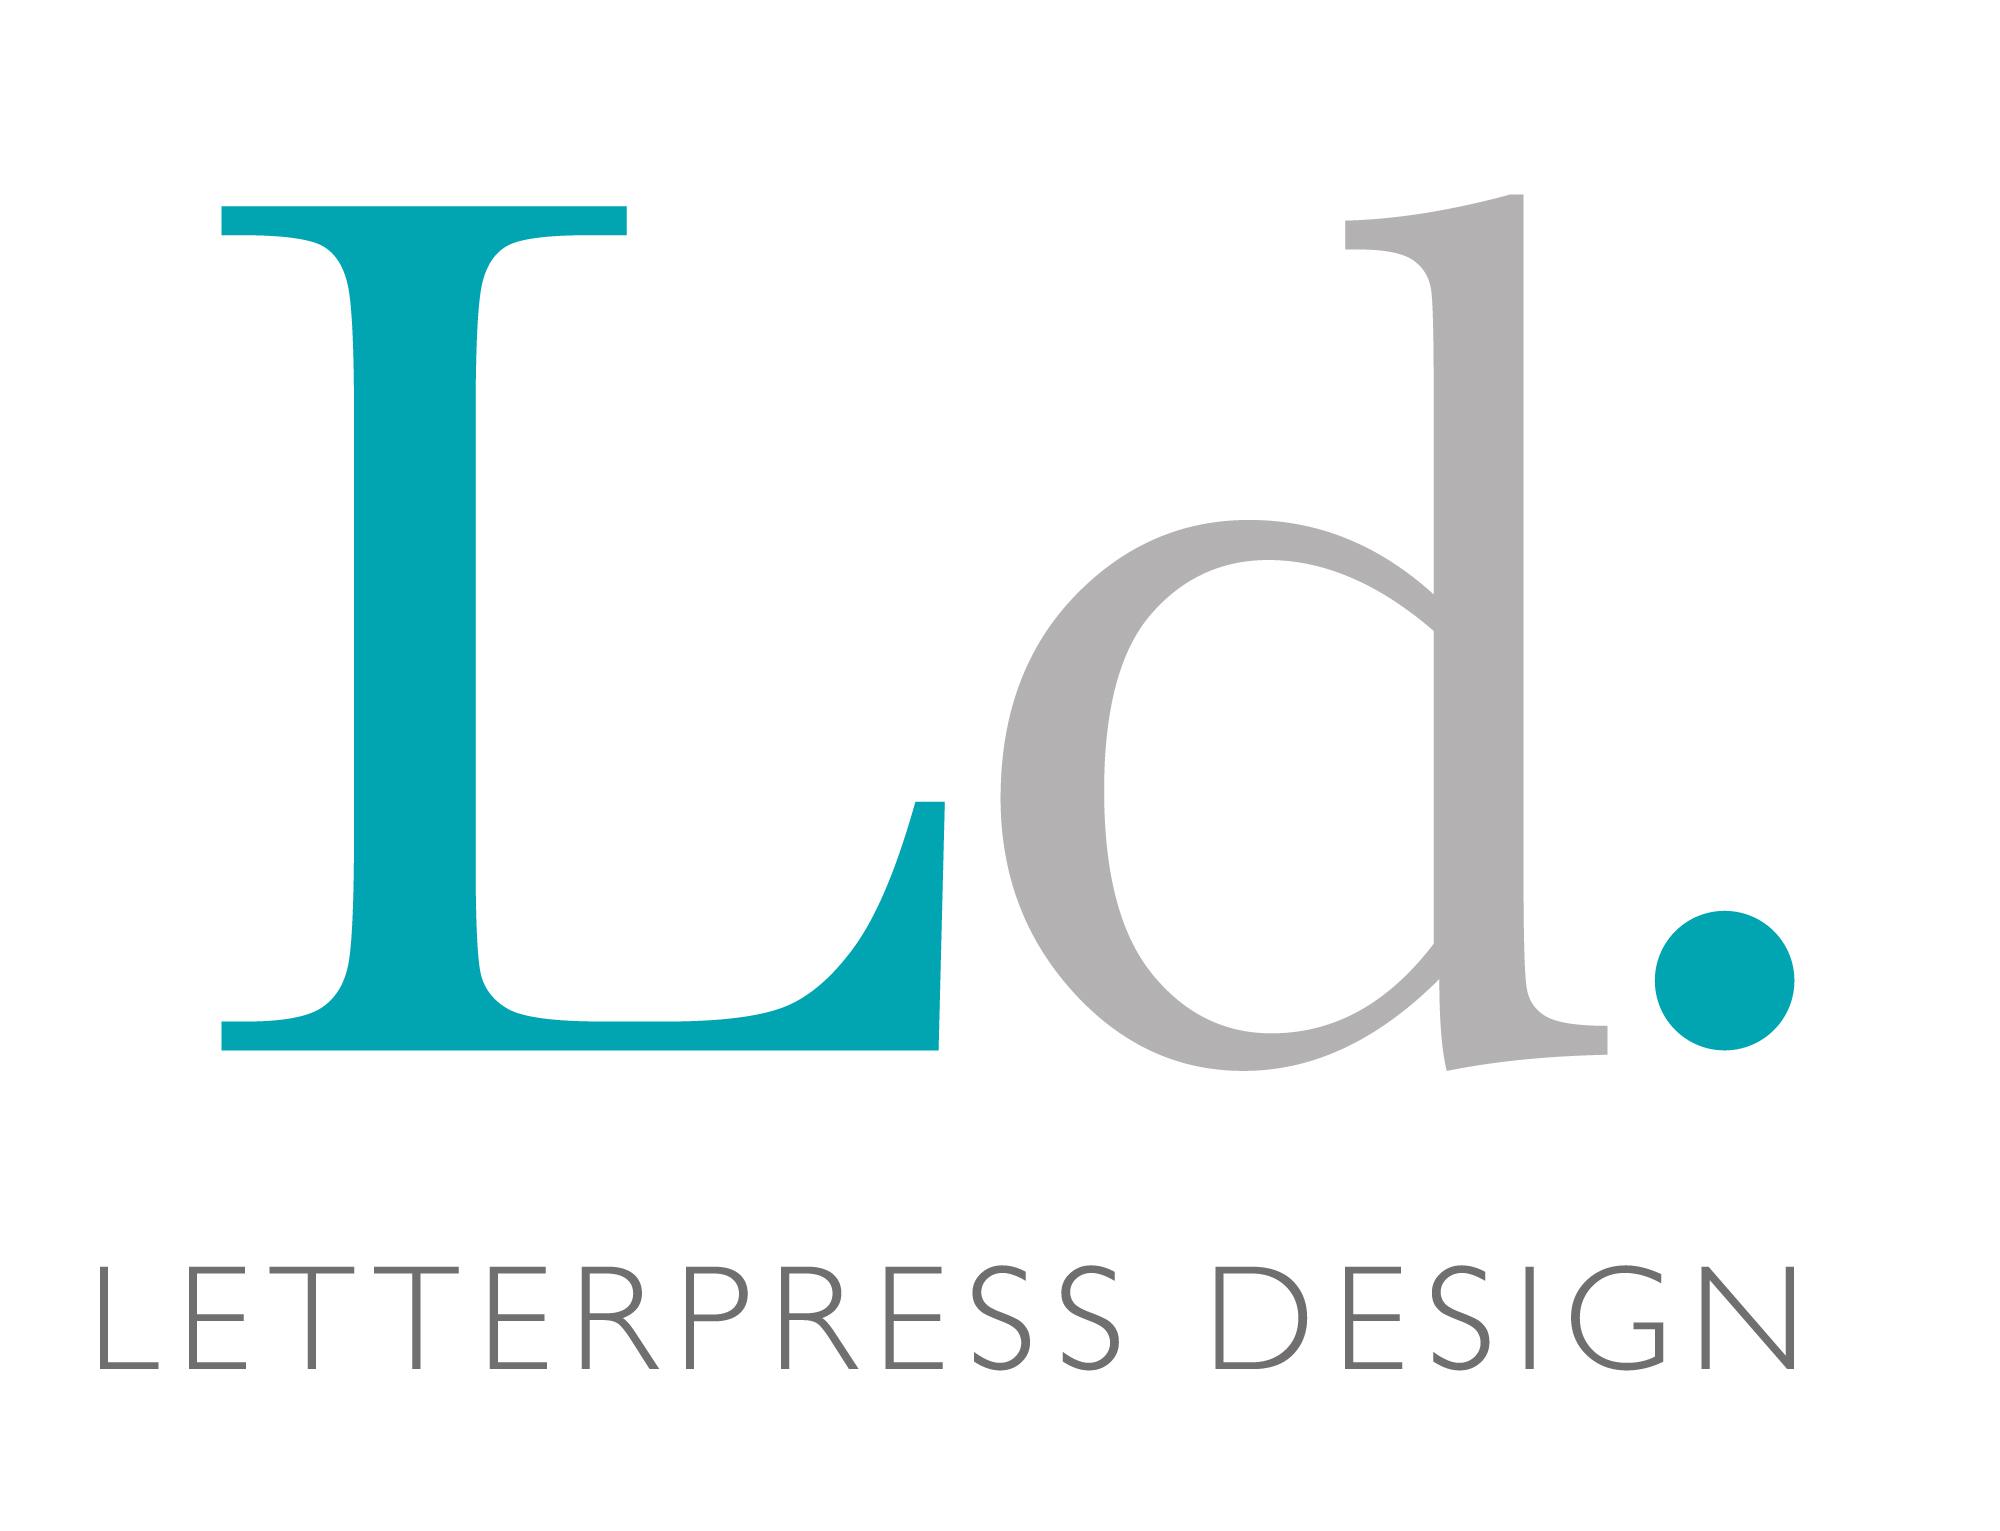 Letterpress Design - A modern Letterpress Studio printing modern and vintage letterpress